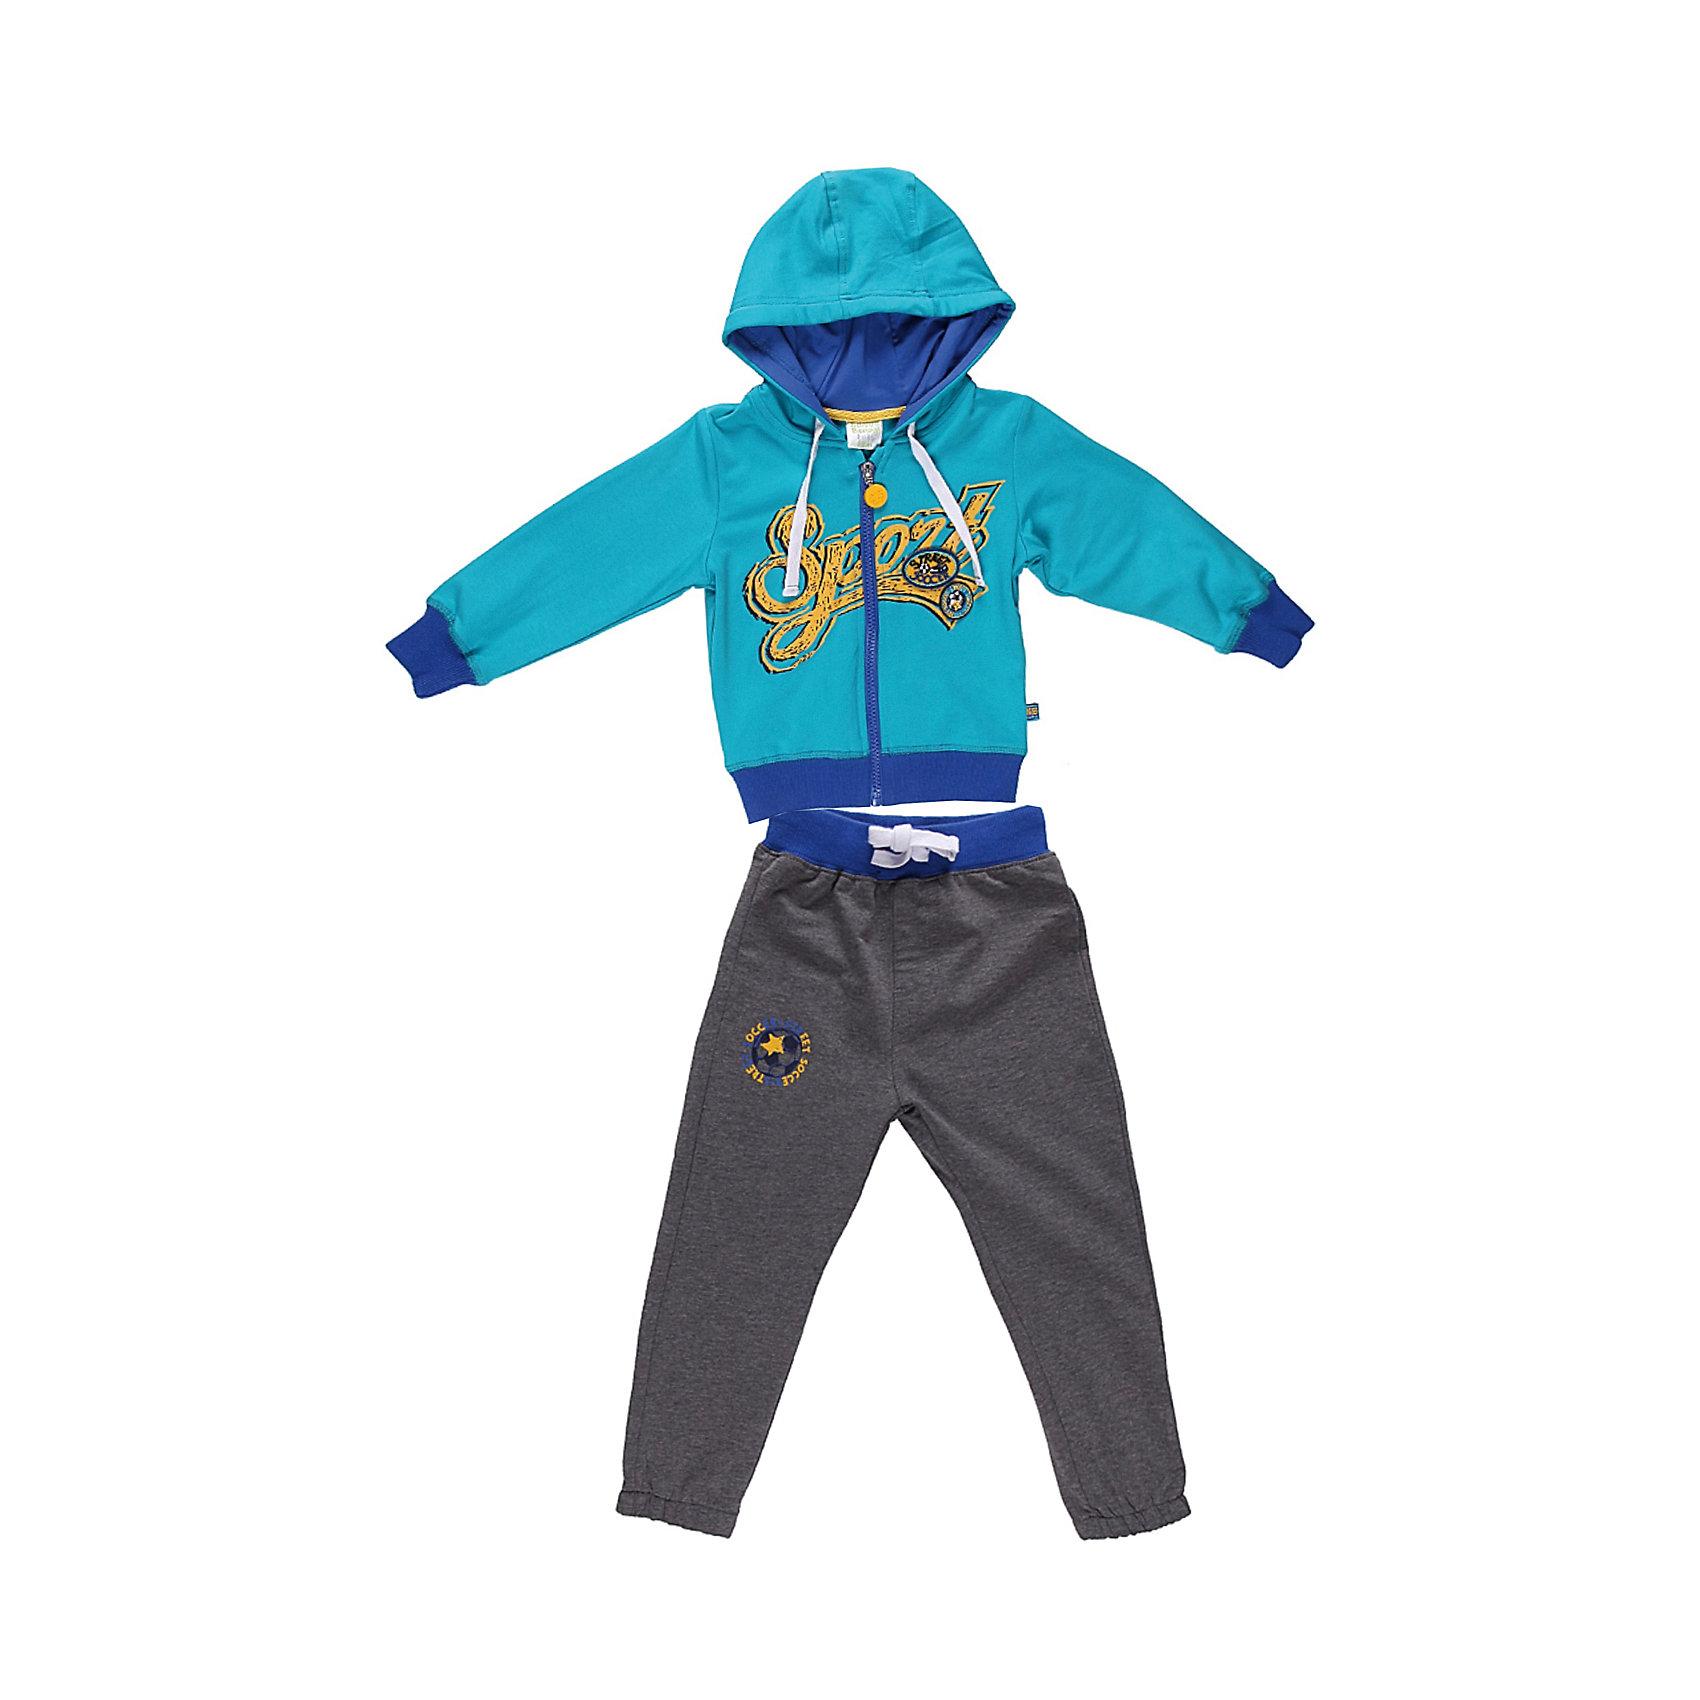 Спортивный костюм для мальчика Sweet BerryКомплекты<br>Яркий спортивный костюм для мальчика. Толстовка с капюшоном на яркой трикотажной подкладке. Украшена принтом и шевроном.   Брюки на поясе с трикотажной резинкой, регулируется хлопковым шнурком.<br>Состав:<br>95% хлопок 5% эластан<br><br>Ширина мм: 247<br>Глубина мм: 16<br>Высота мм: 140<br>Вес г: 225<br>Цвет: синий<br>Возраст от месяцев: 9<br>Возраст до месяцев: 12<br>Пол: Мужской<br>Возраст: Детский<br>Размер: 80,98,92,86<br>SKU: 4522124